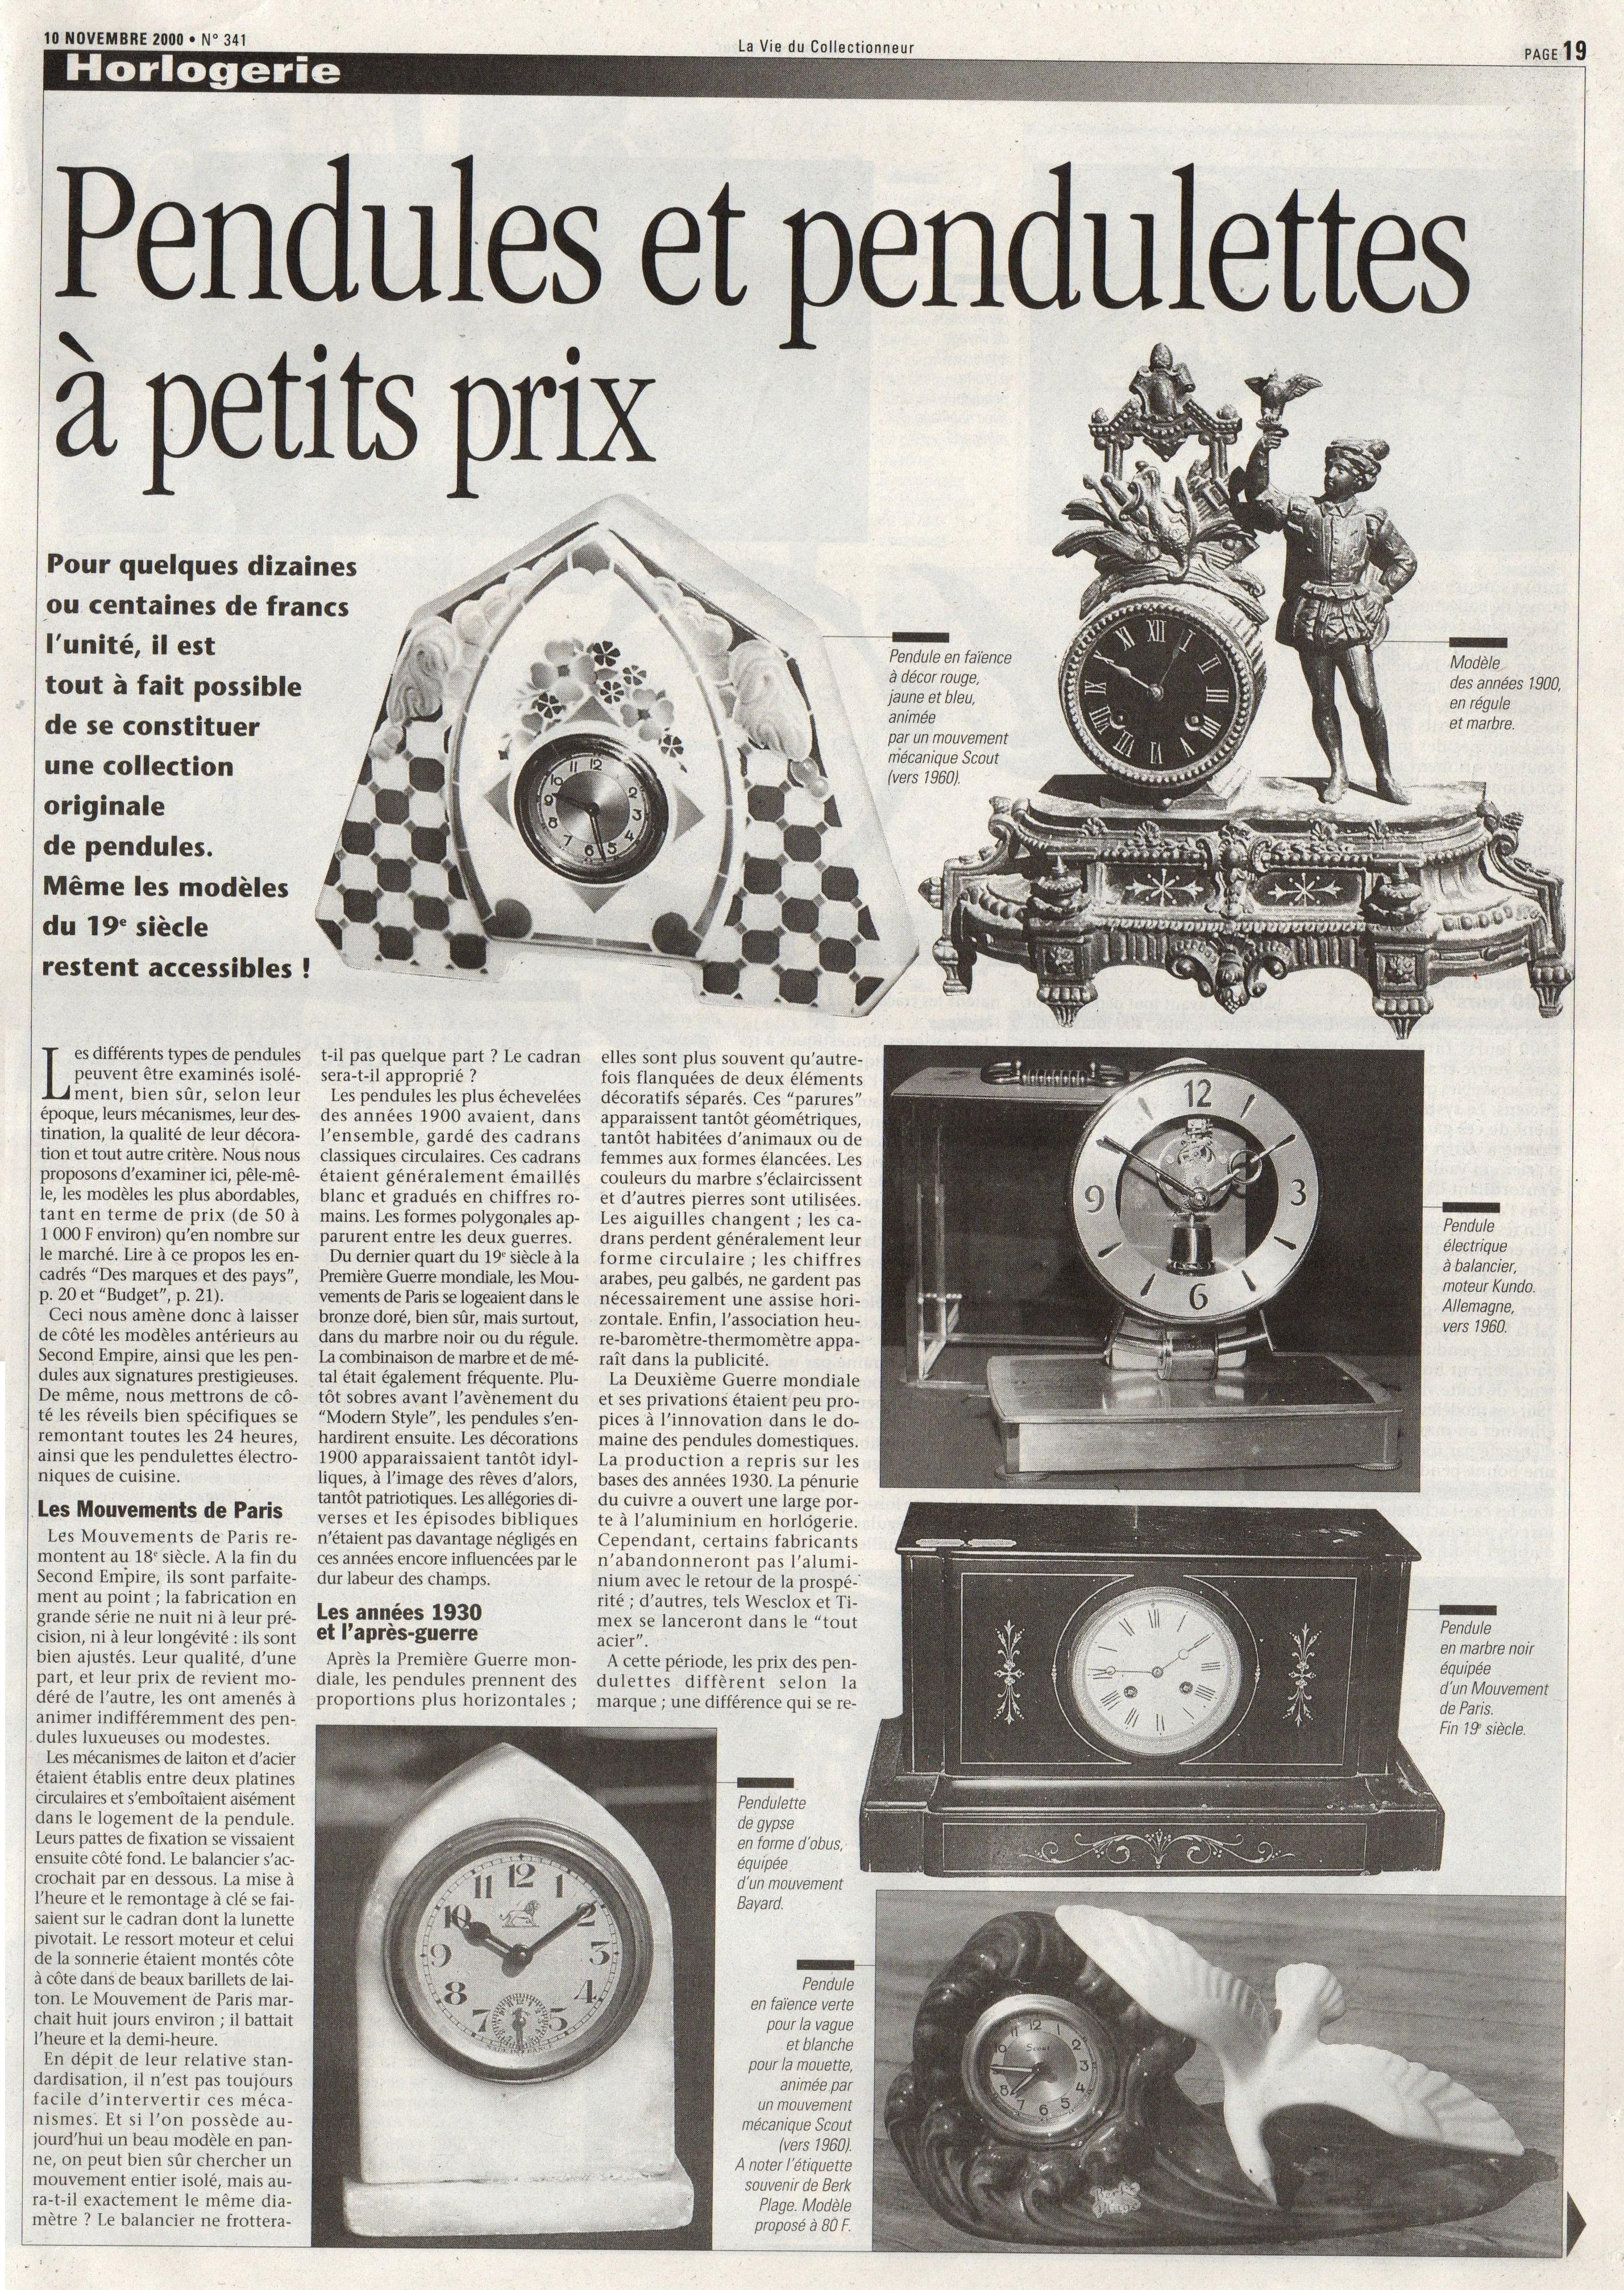 la vie du collectionneur 10 novembre 2000 page 19